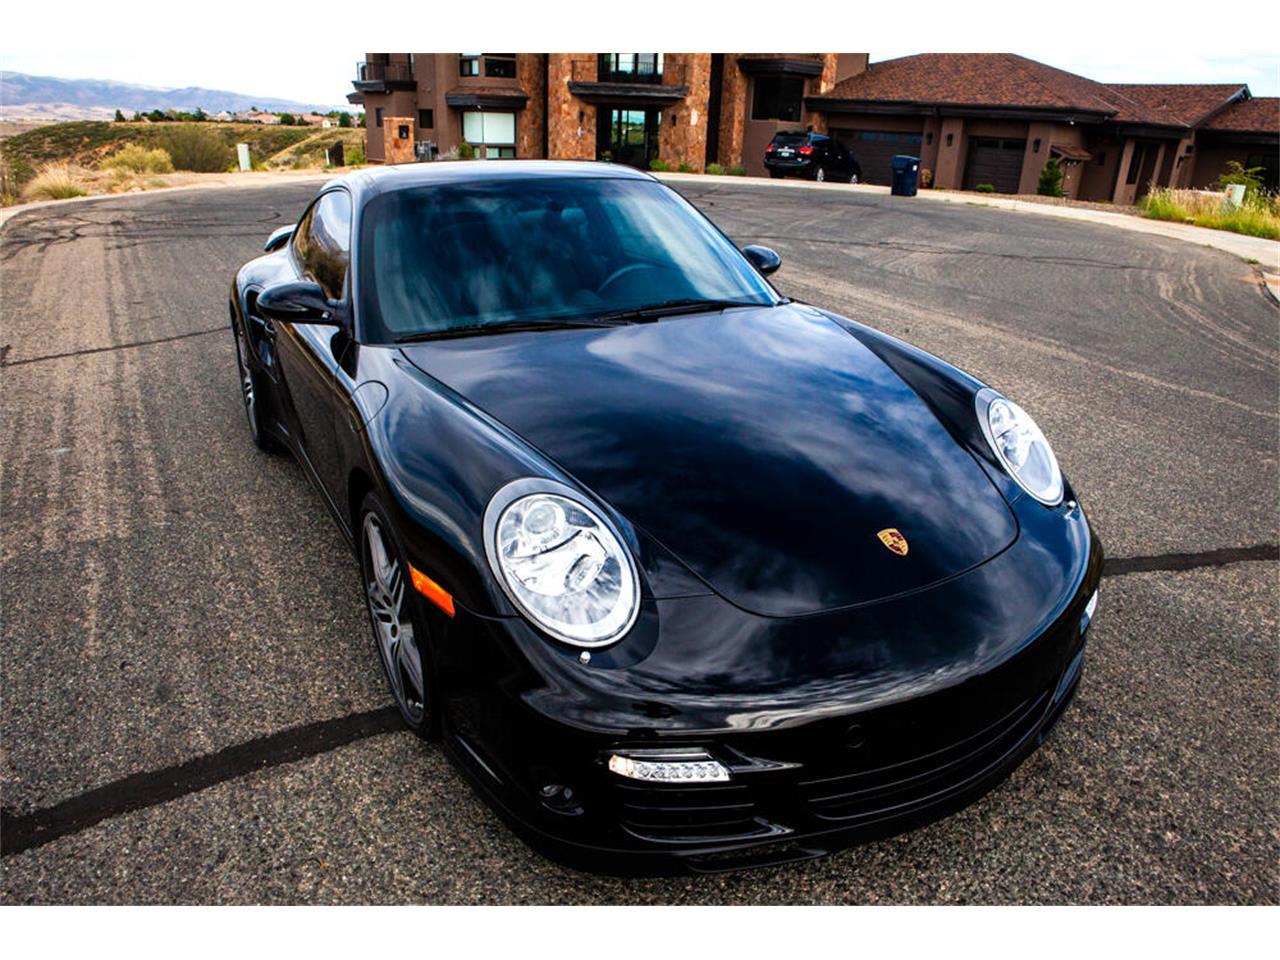 2008 Porsche 911 (CC-1382423) for sale in Groveland, California